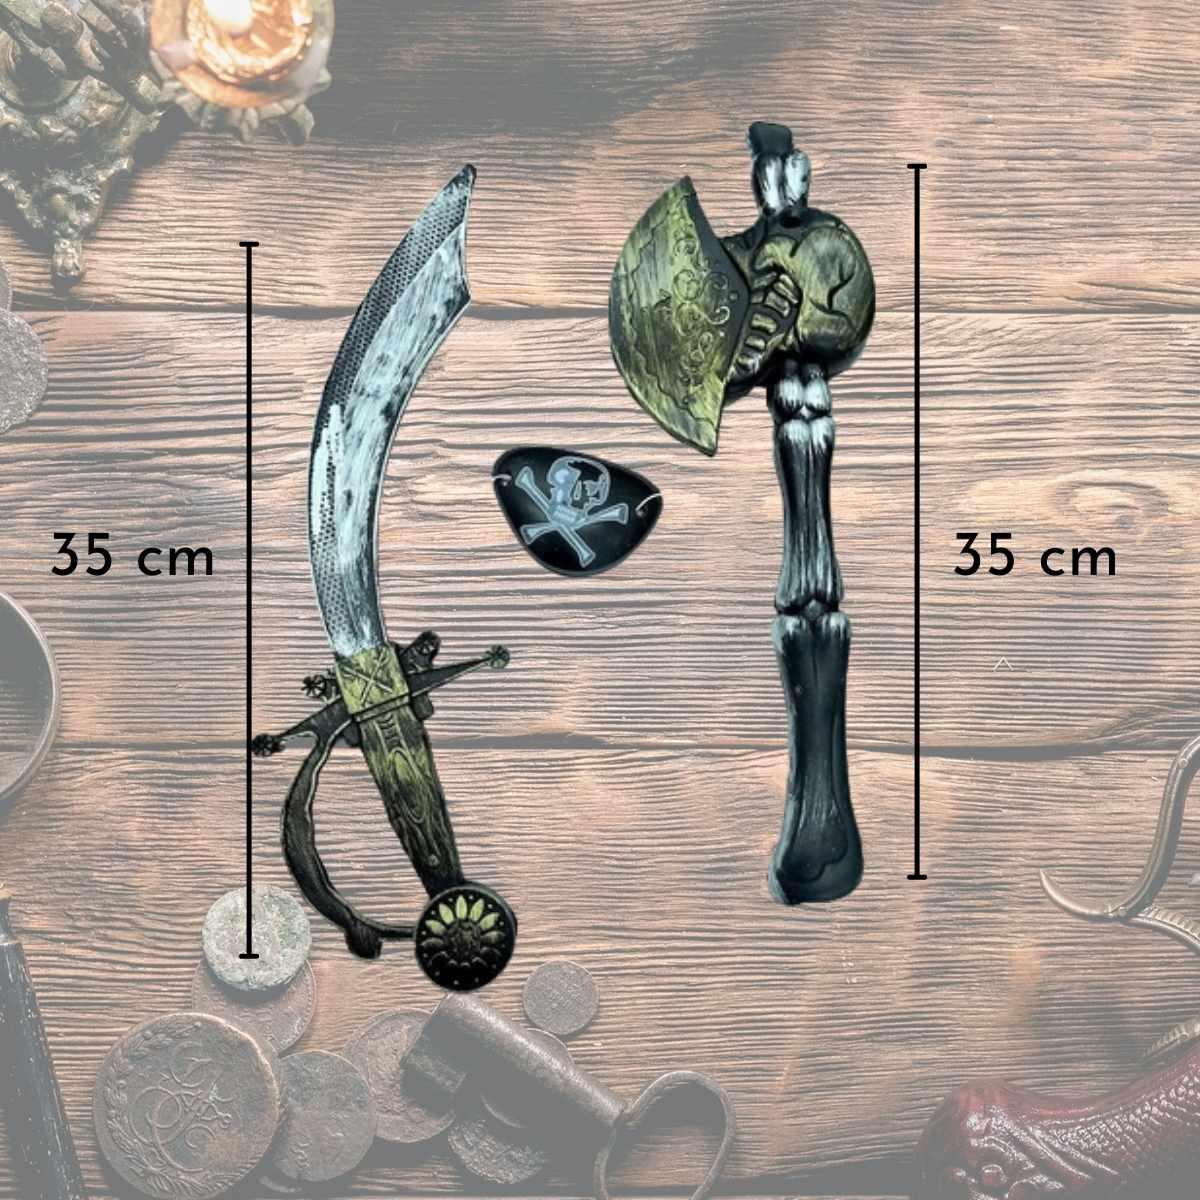 Kit Pirata Armas (Kit Pirata (Espada,Óculos e Tapa Olho) + Luneta plástico + gancho pirata)